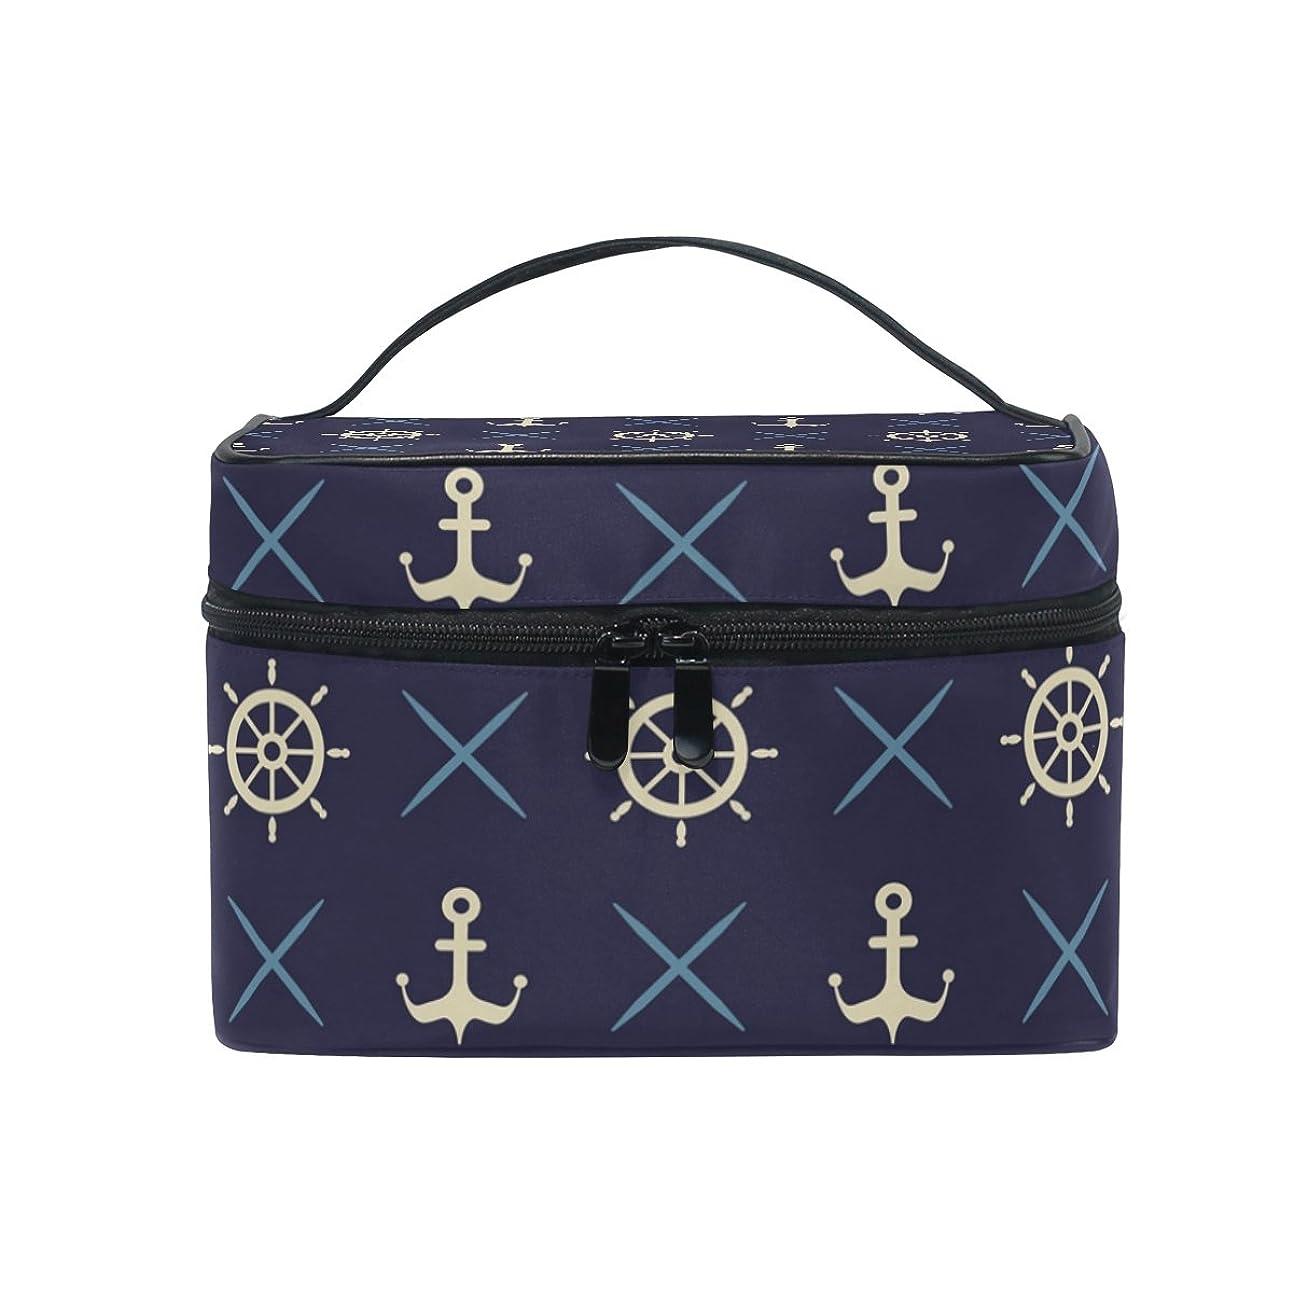 トピック独特の知らせるALAZA 化粧ポーチ 海軍風 セーラー風 化粧 メイクボックス 収納用品 ブラック 大きめ かわいい